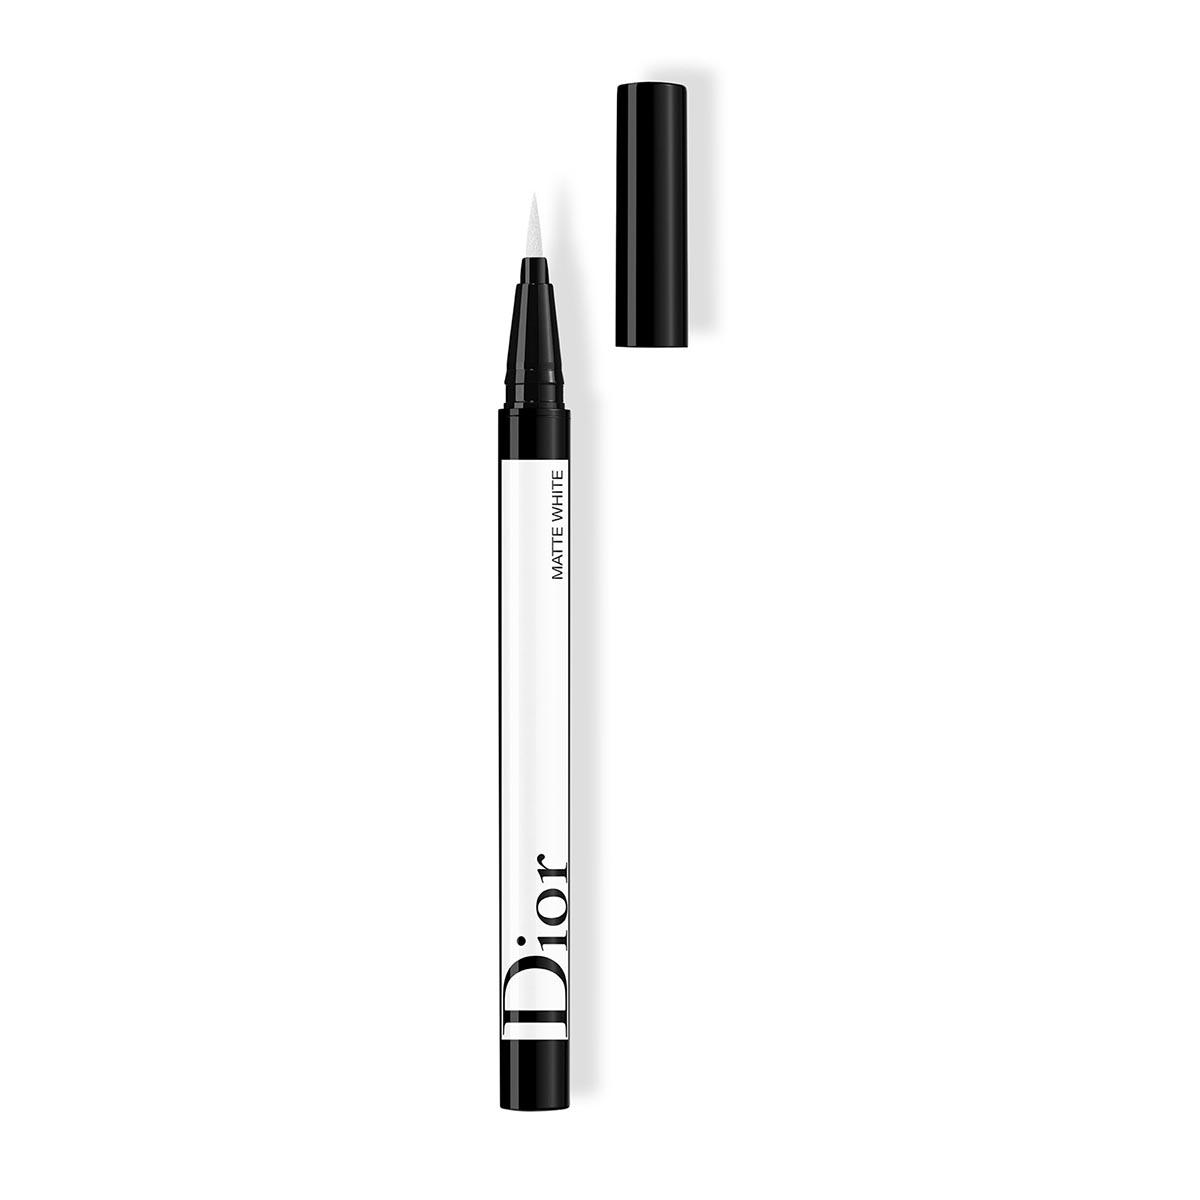 Dior diorshow liner star 001 matte white